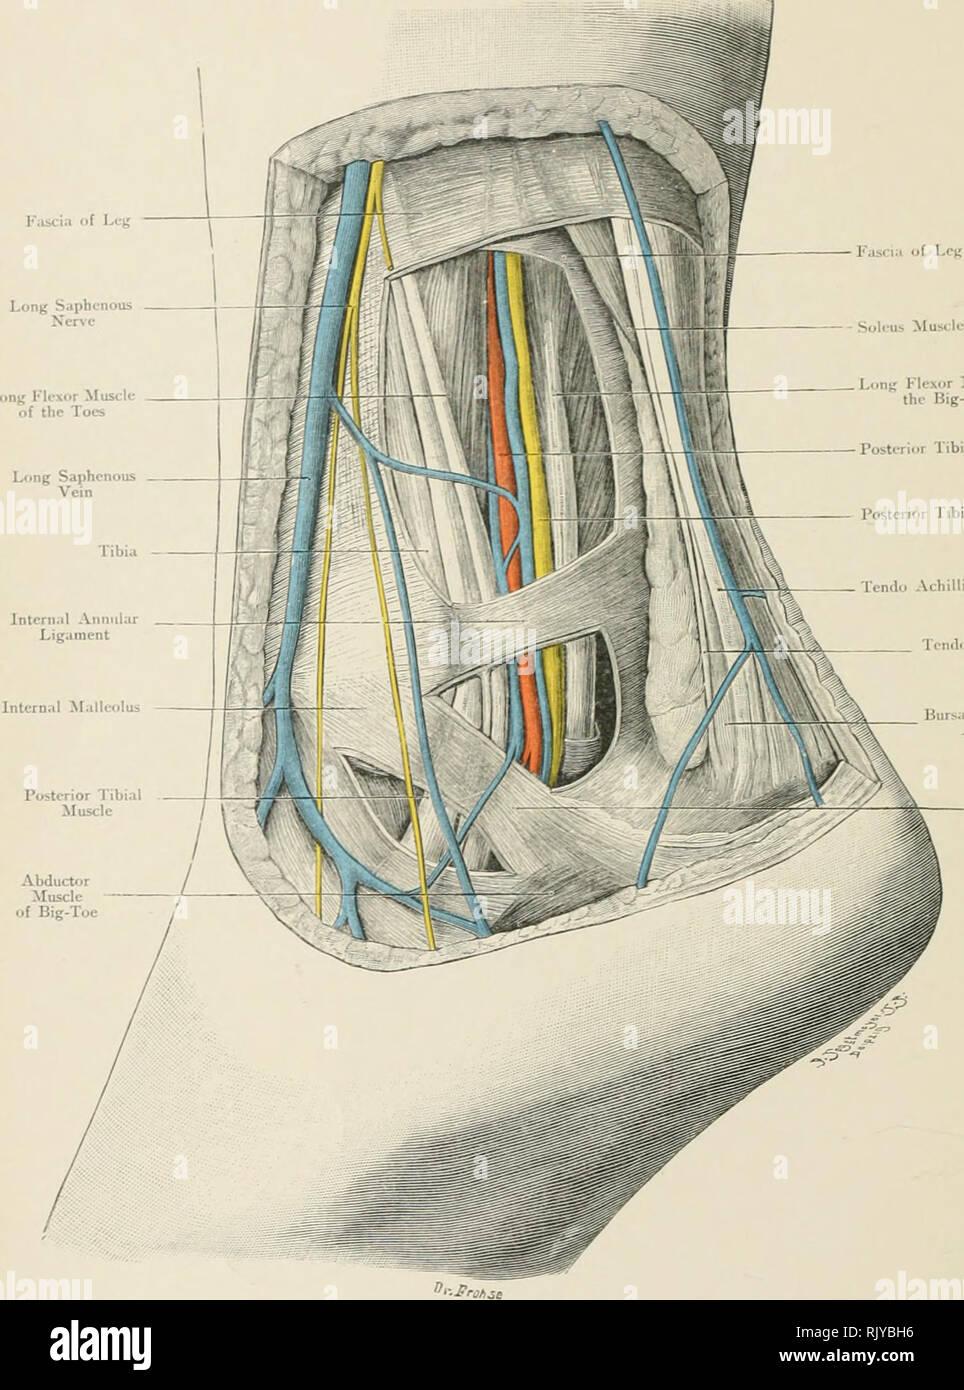 Posterior Tibial Artery Stock Photos Posterior Tibial Artery Stock